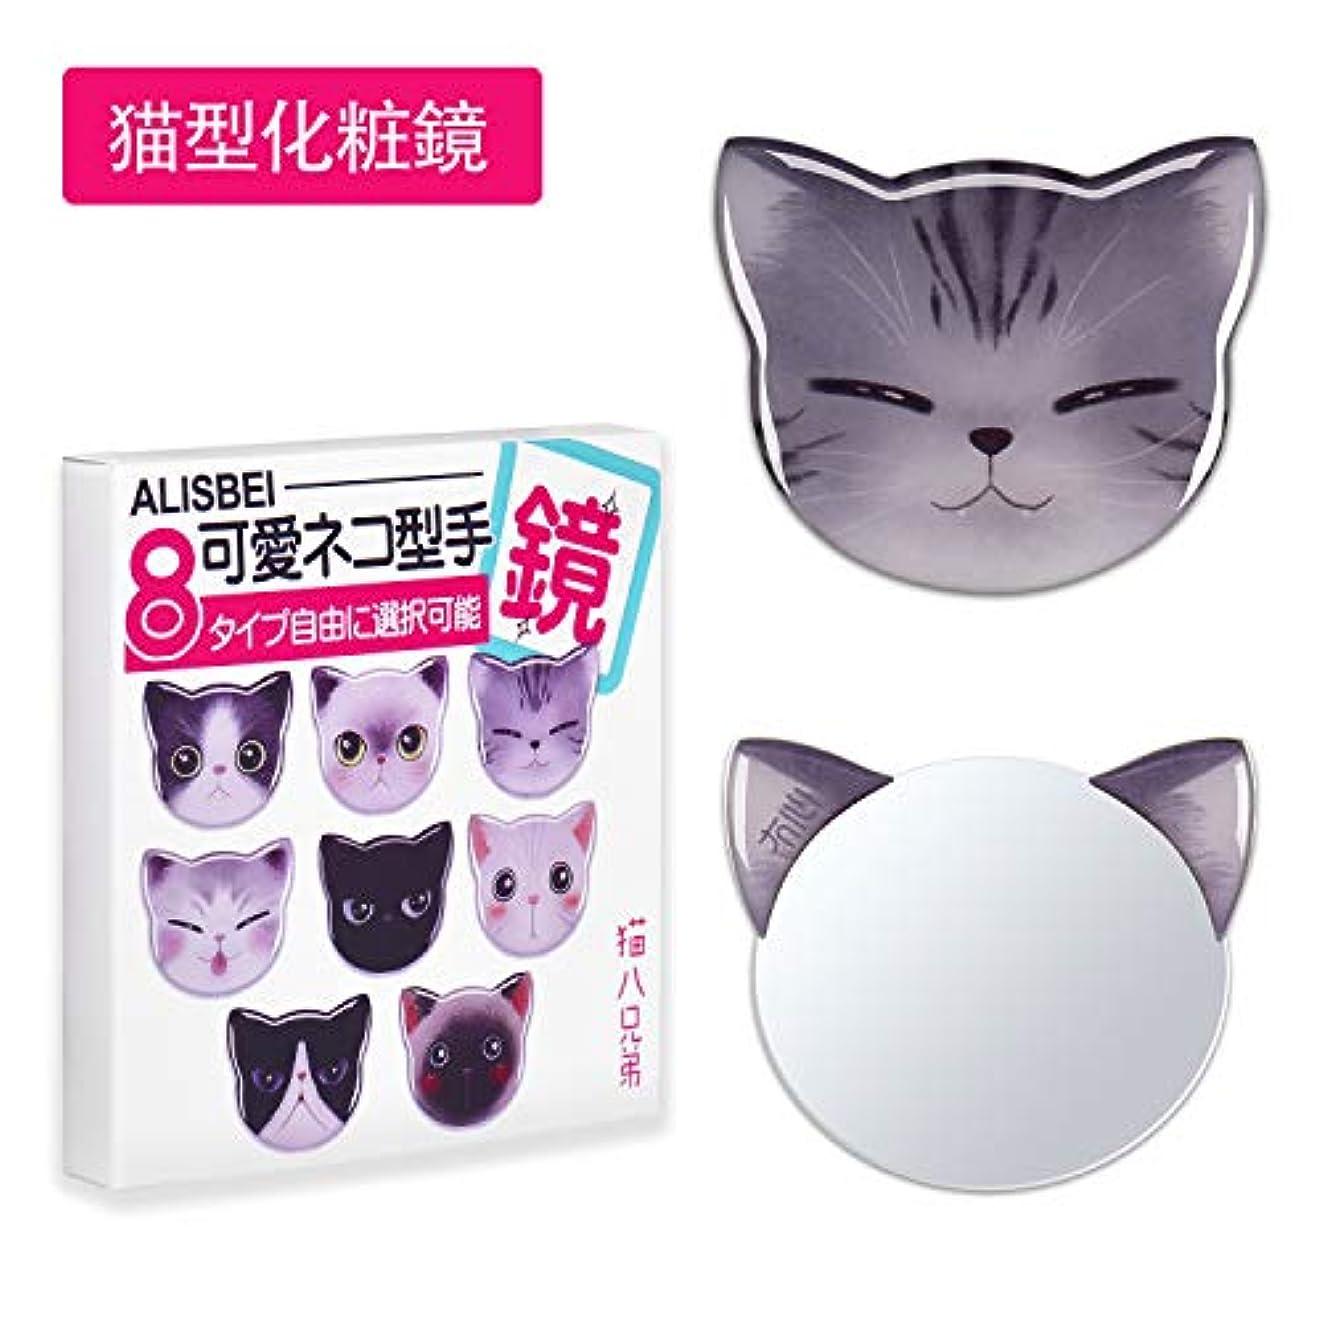 喜ぶ相談するタール携帯ミラー 手鏡 コンパクト 猫柄 8パタン 収納袋付き 割れない 鏡 おしゃれ コンパクトミラー ハンドミラー かわいい (レオン)